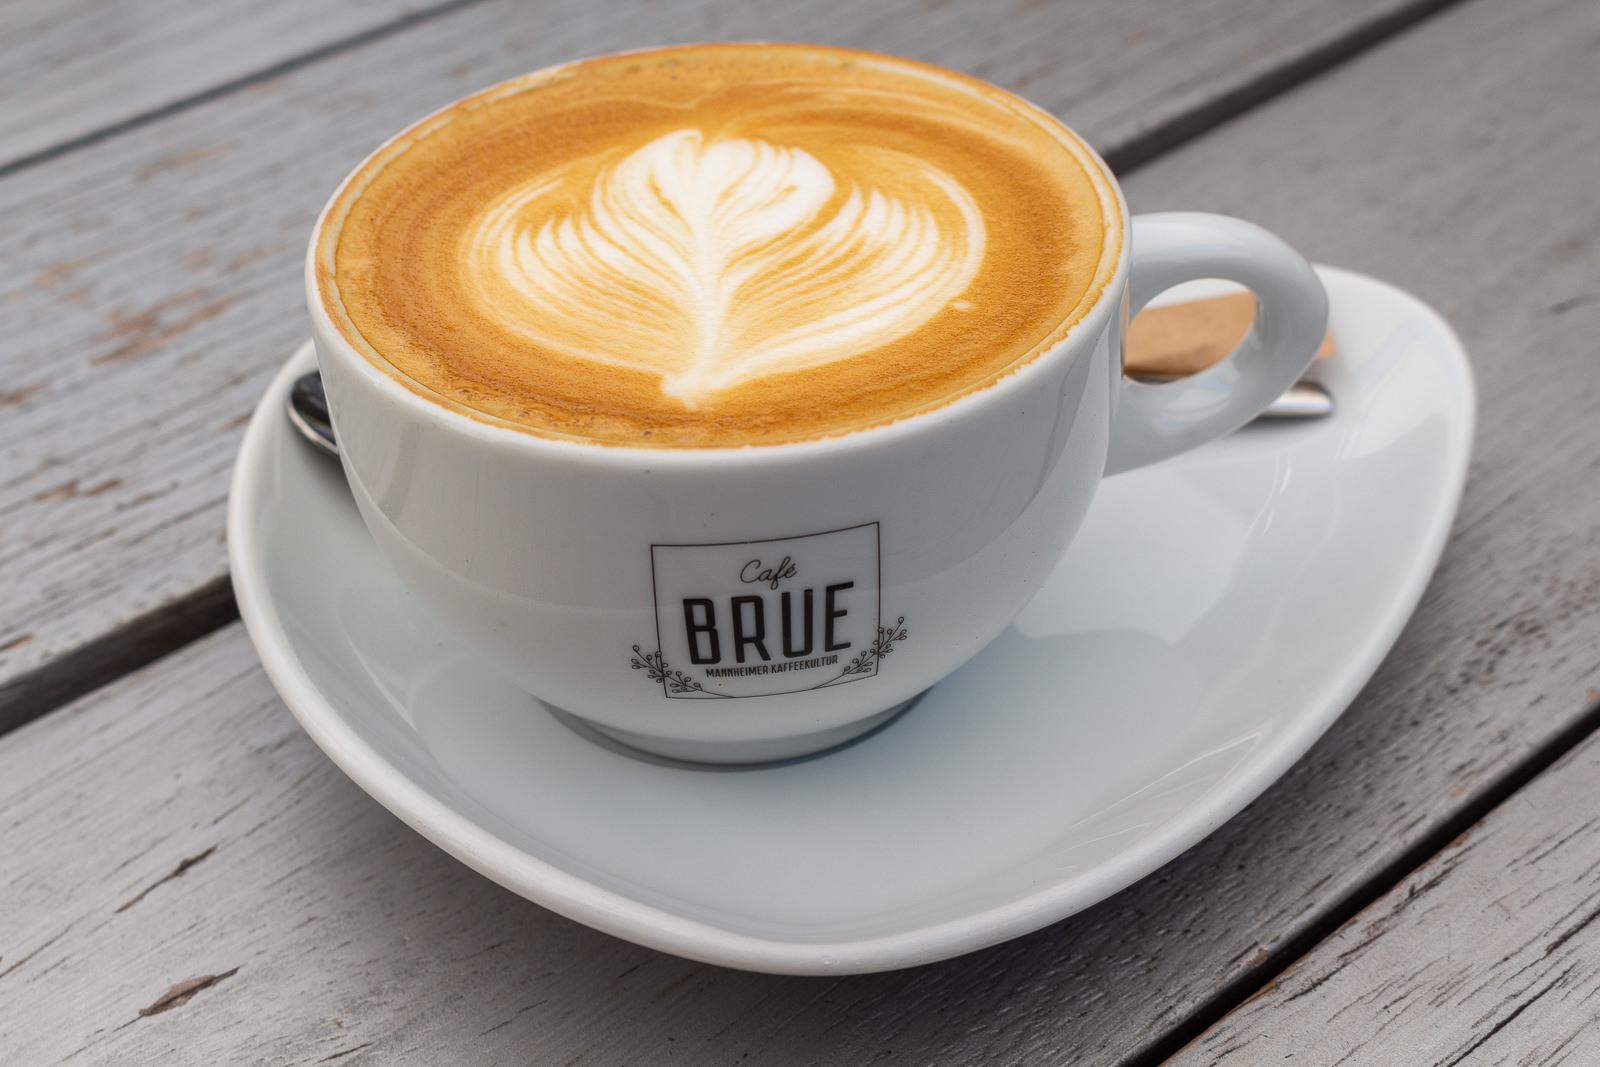 Café BRUE gehört zum Radisson Blu Hotel